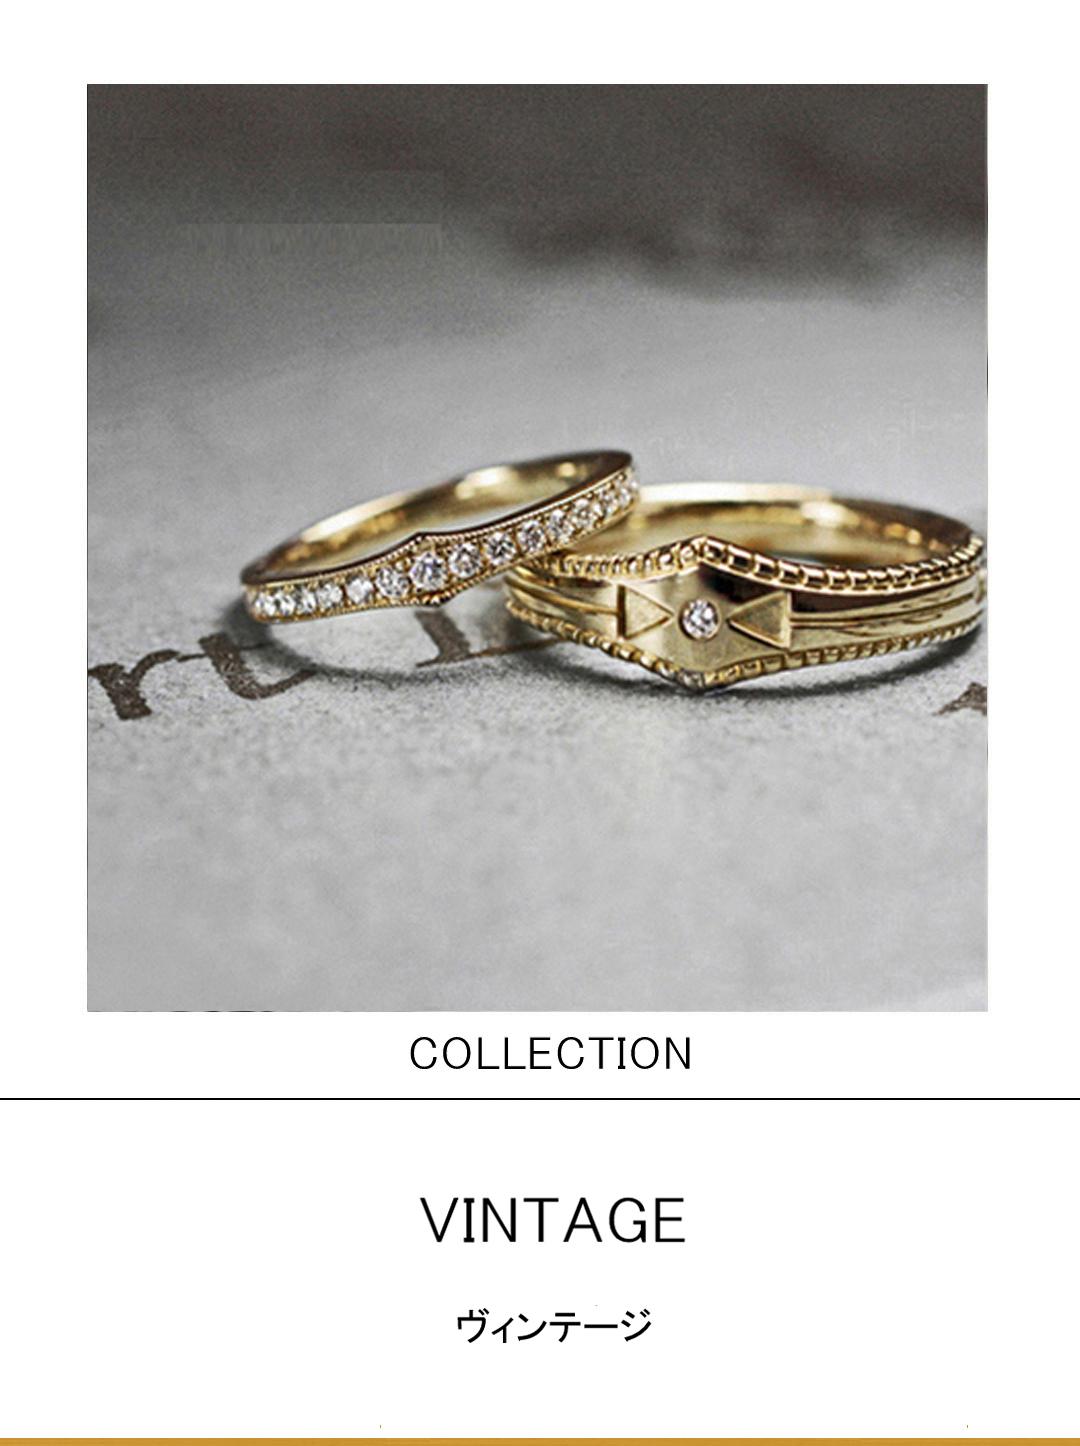 1800年代アンティークデザインの結婚指輪ゴールドコレクションのサムネイル